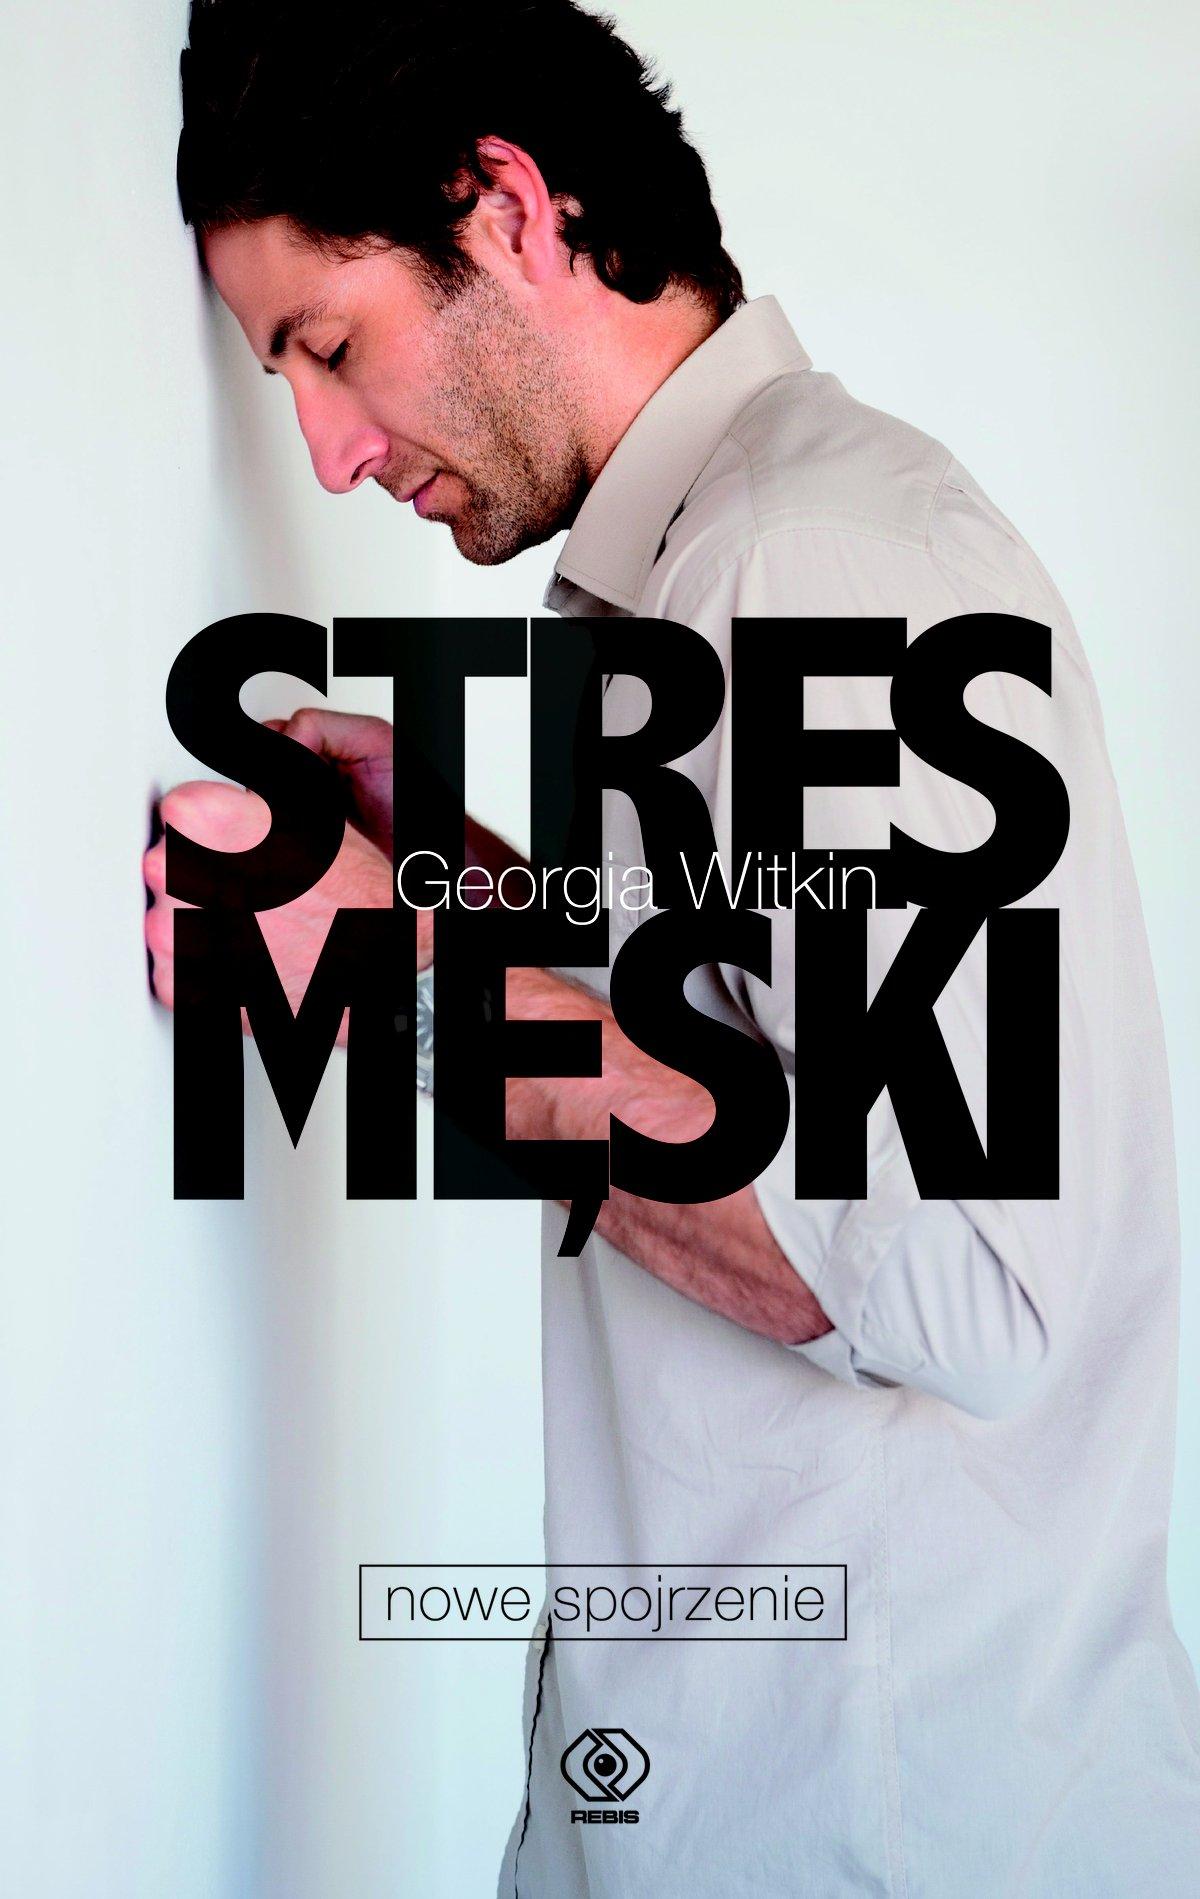 Stres męski - nowe spojrzenie - Ebook (Książka EPUB) do pobrania w formacie EPUB